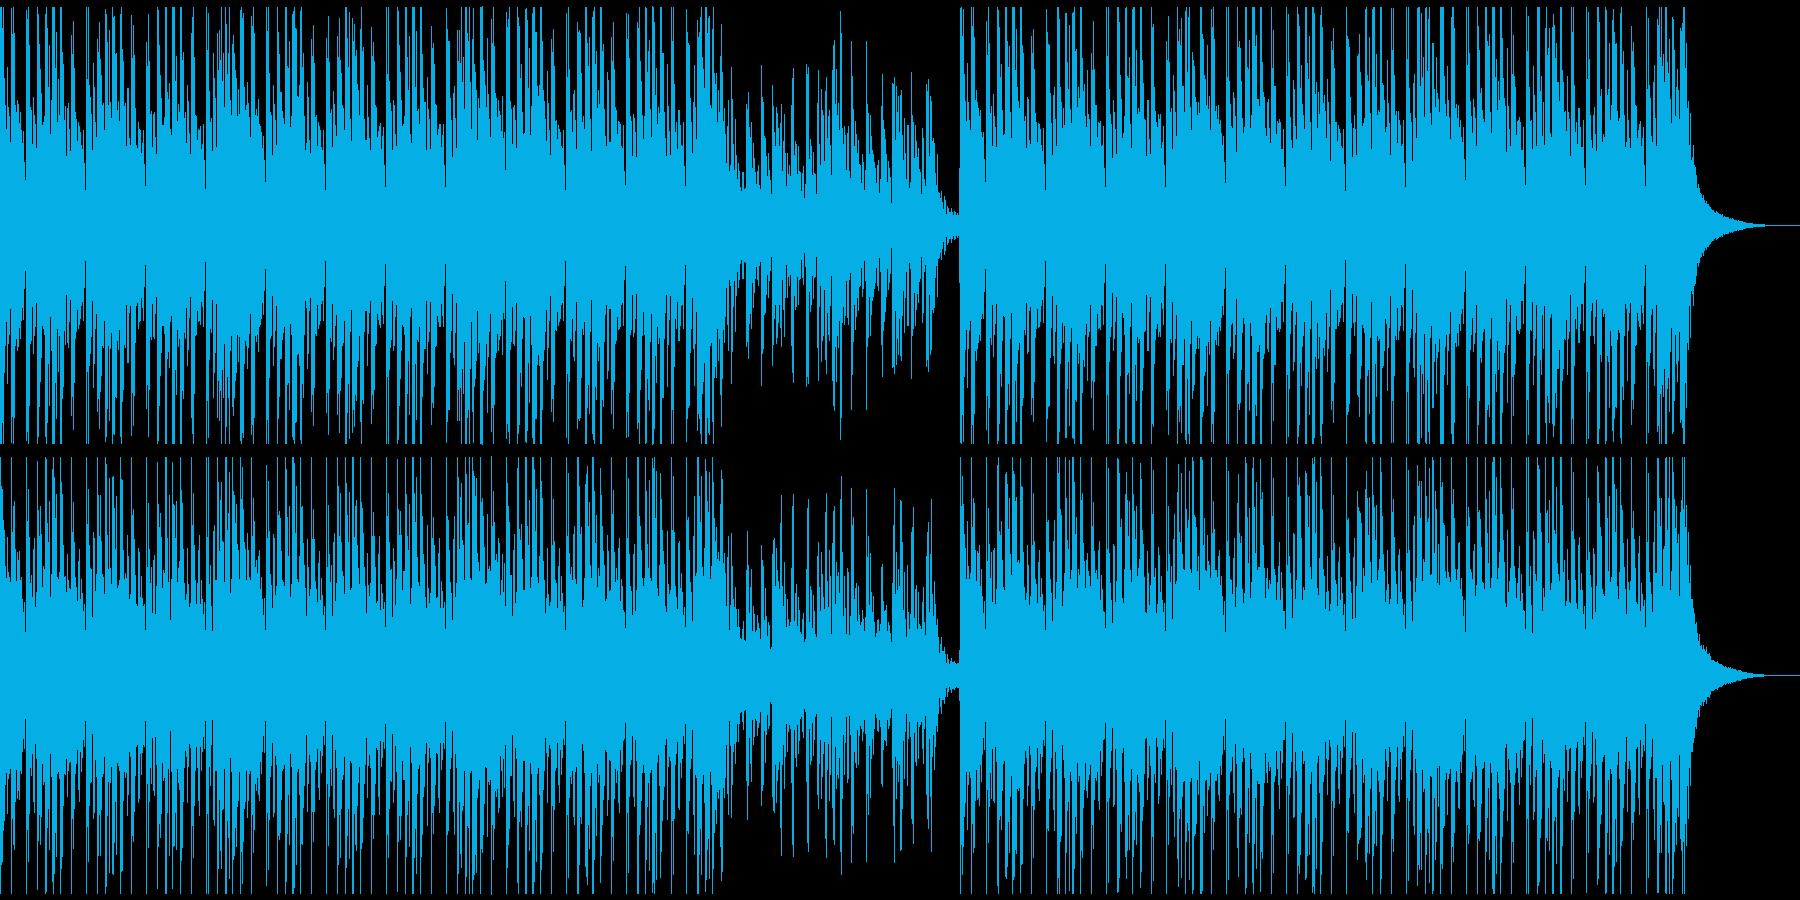 和太鼓や和楽器 力強い和風アンサンブルの再生済みの波形